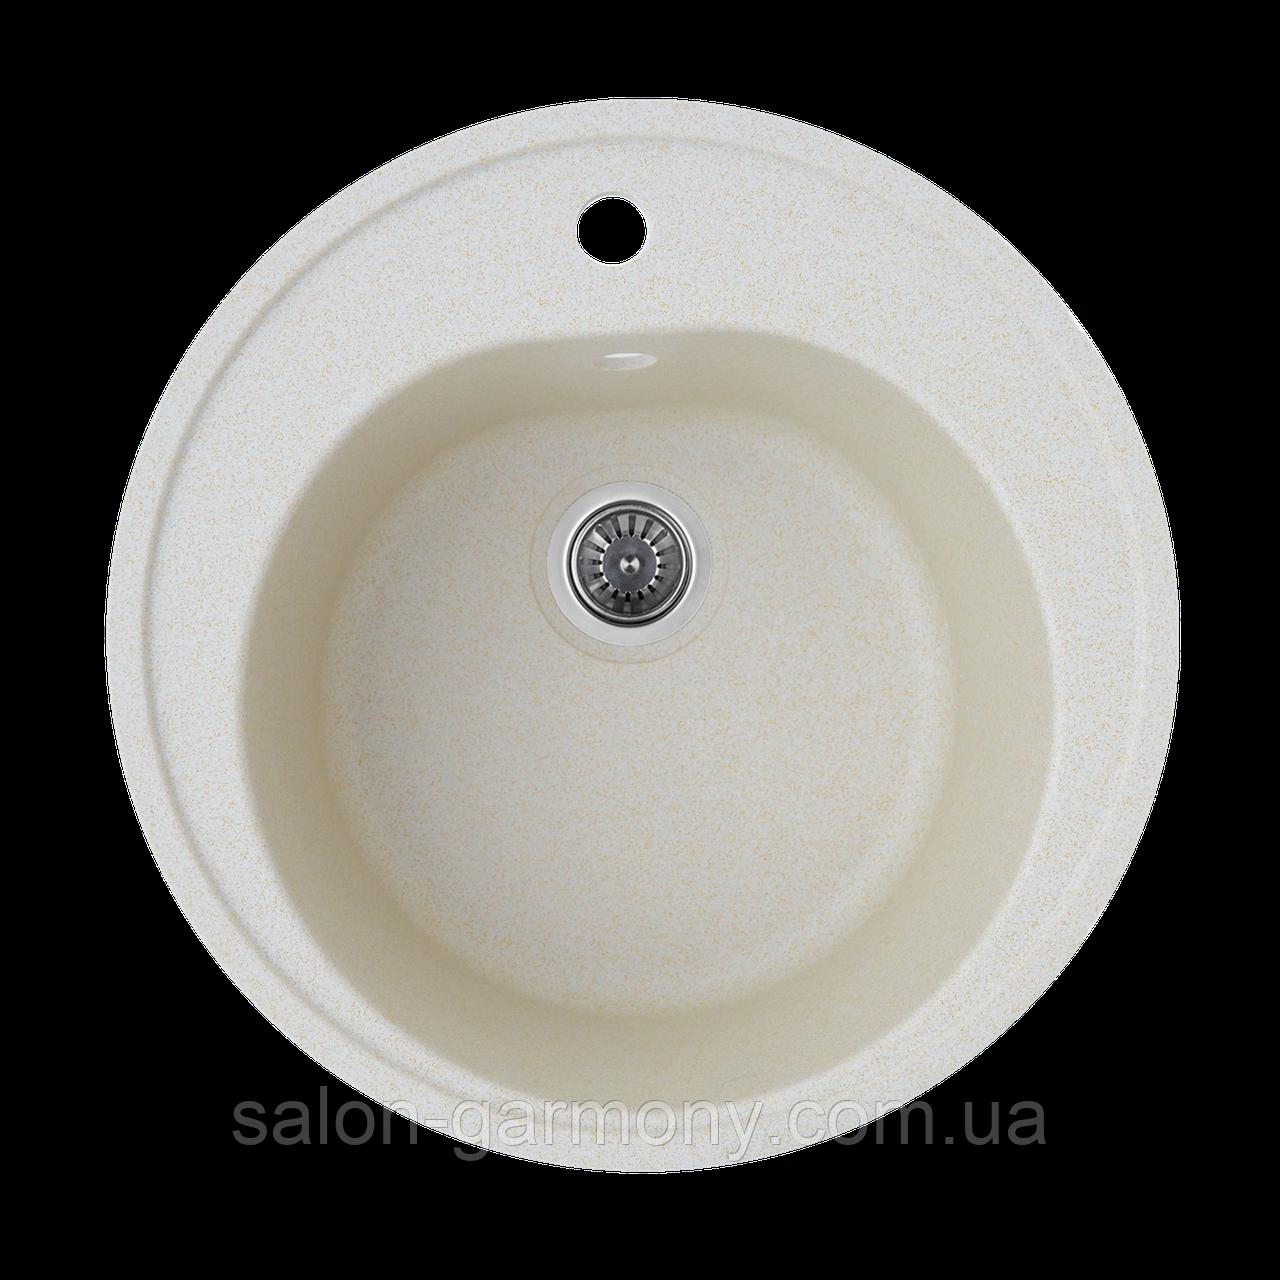 Гранітна мийка для кухні Platinum 510 LUNA матова Пісок